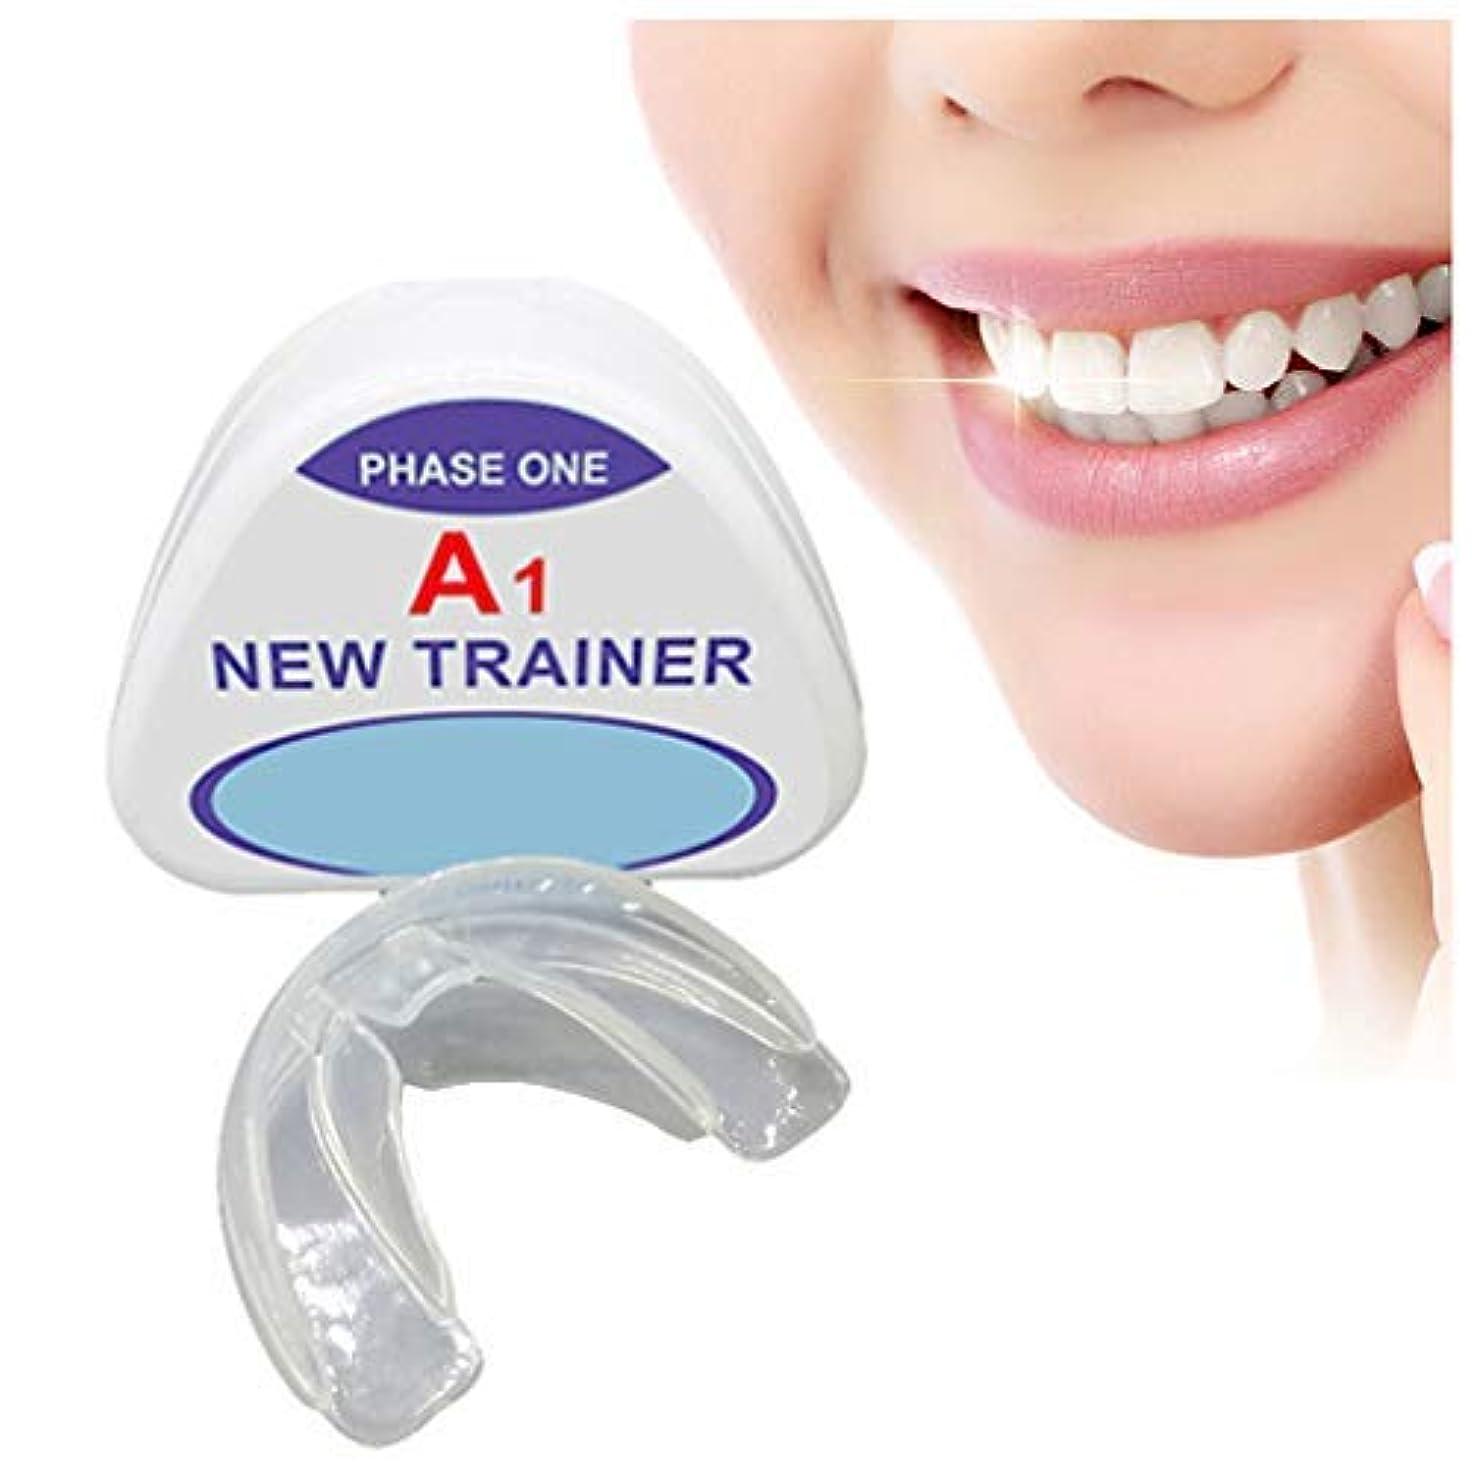 発掘打ち上げるライブ歯列矯正トレーナーリテーナー、歯科用マウスガード歯列矯正器具、歯用器具夜予防臼歯ブレース